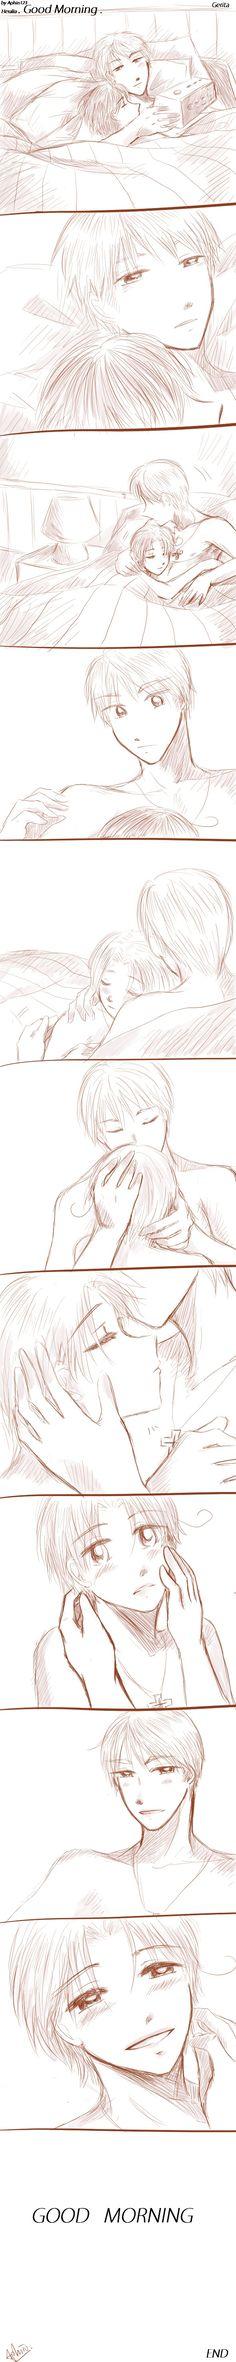 -Gerita--Hetalia--GOOD MORNING-- by aphin123.deviantart.com on @deviantART